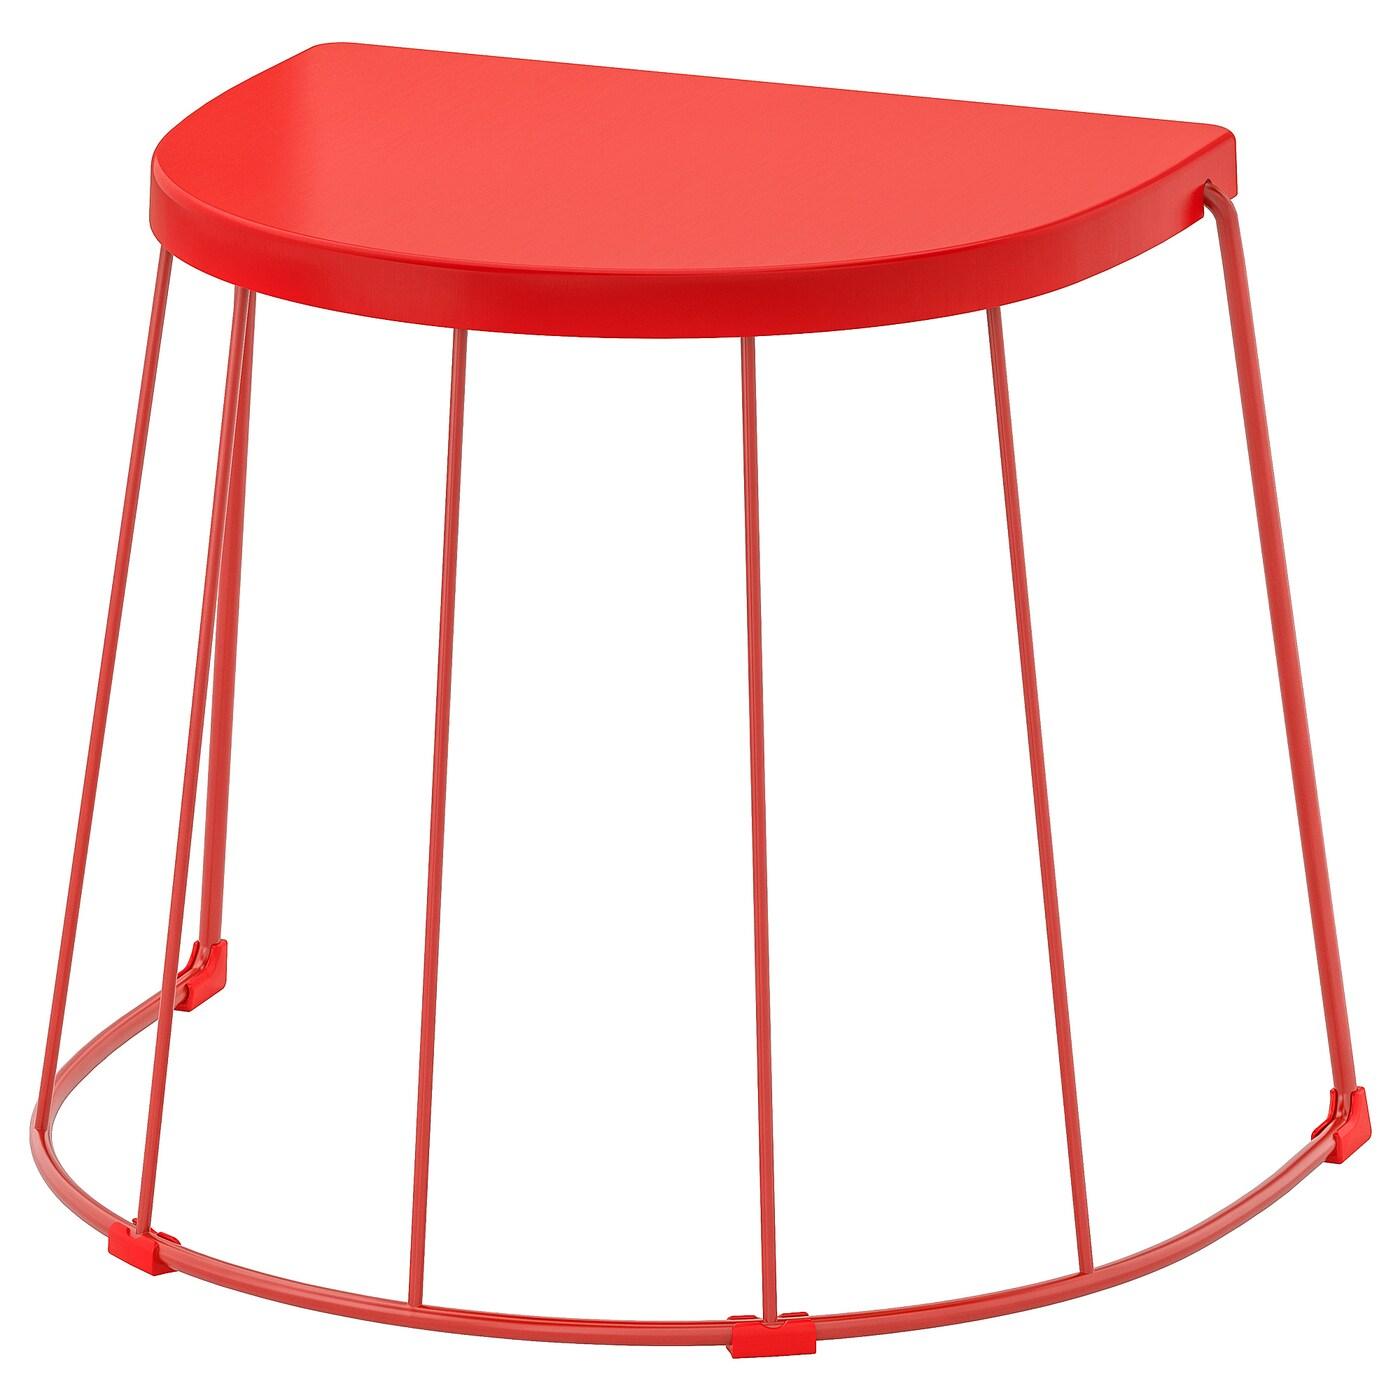 IKEA TRANARÖ Stołek/stolik, wew./zew., czerwony, 56x41x43 cm